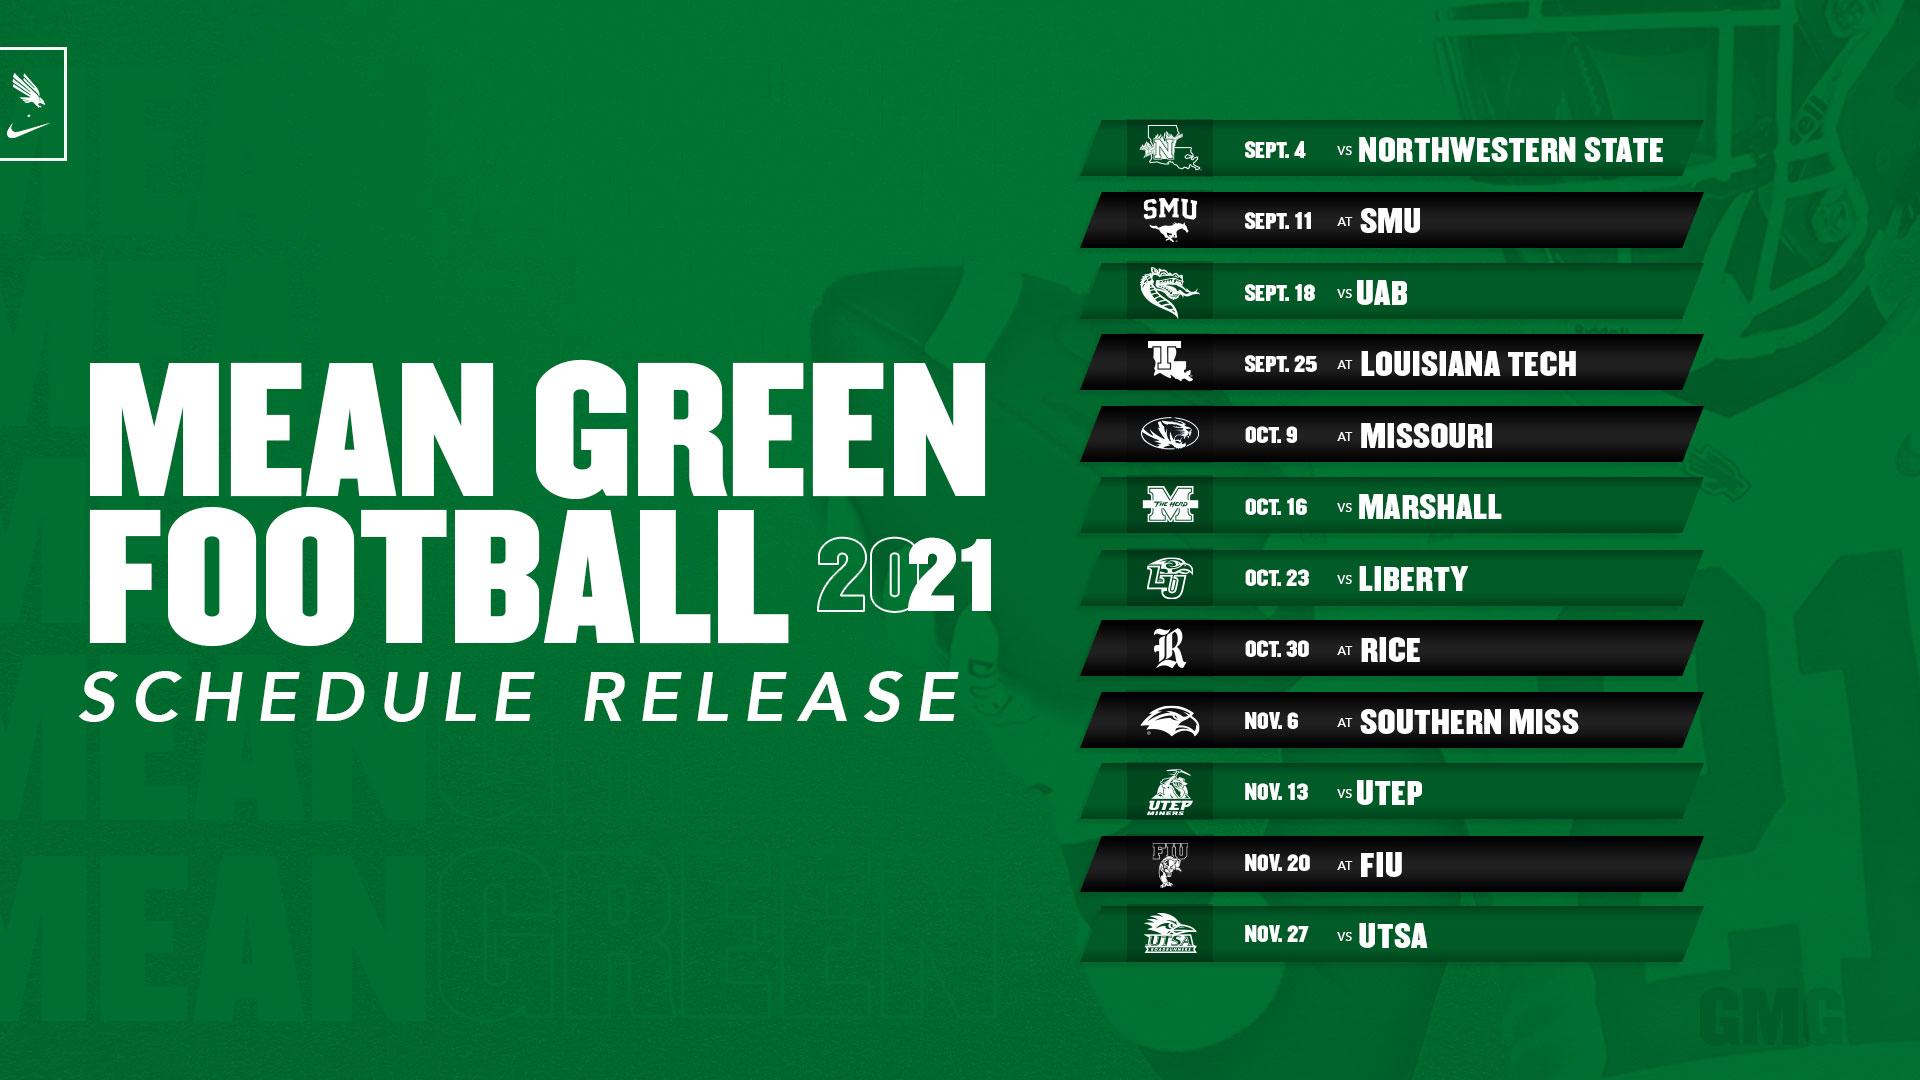 2021 Mean green Football Schedule.jpeg